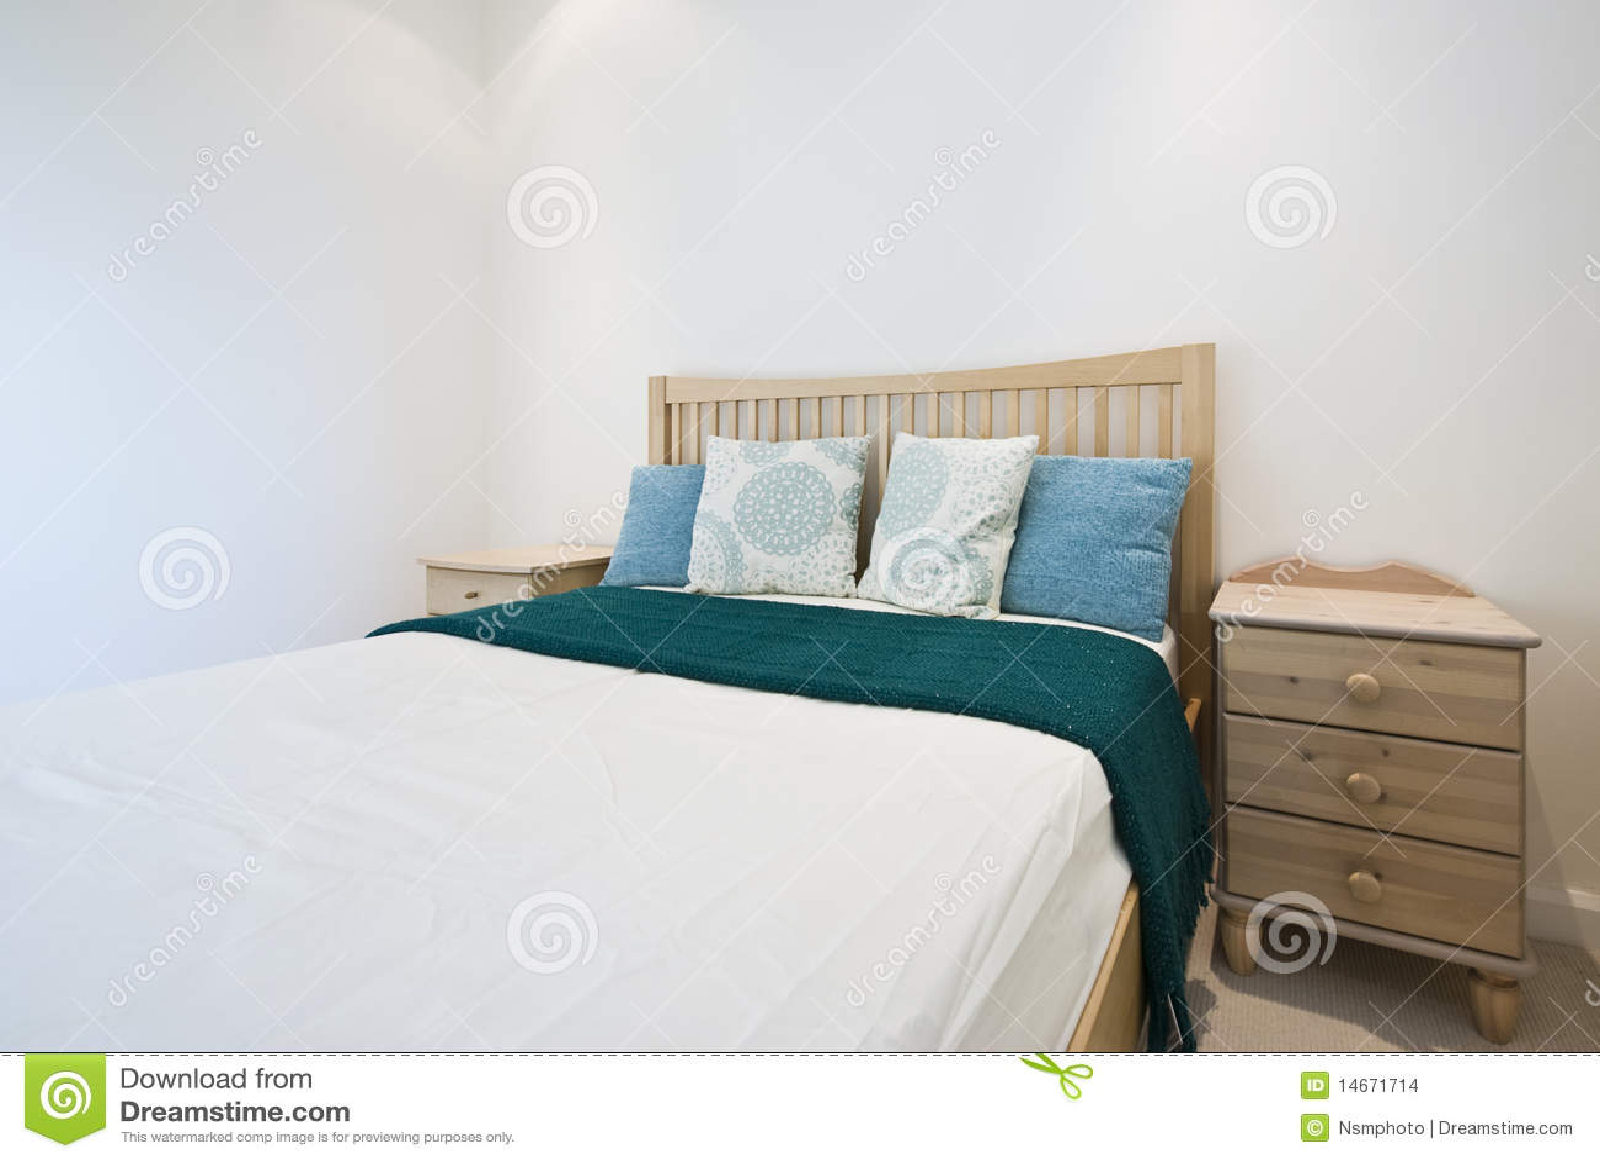 Particolare di una camera da letto moderna fotografia - Camera da letto particolare ...